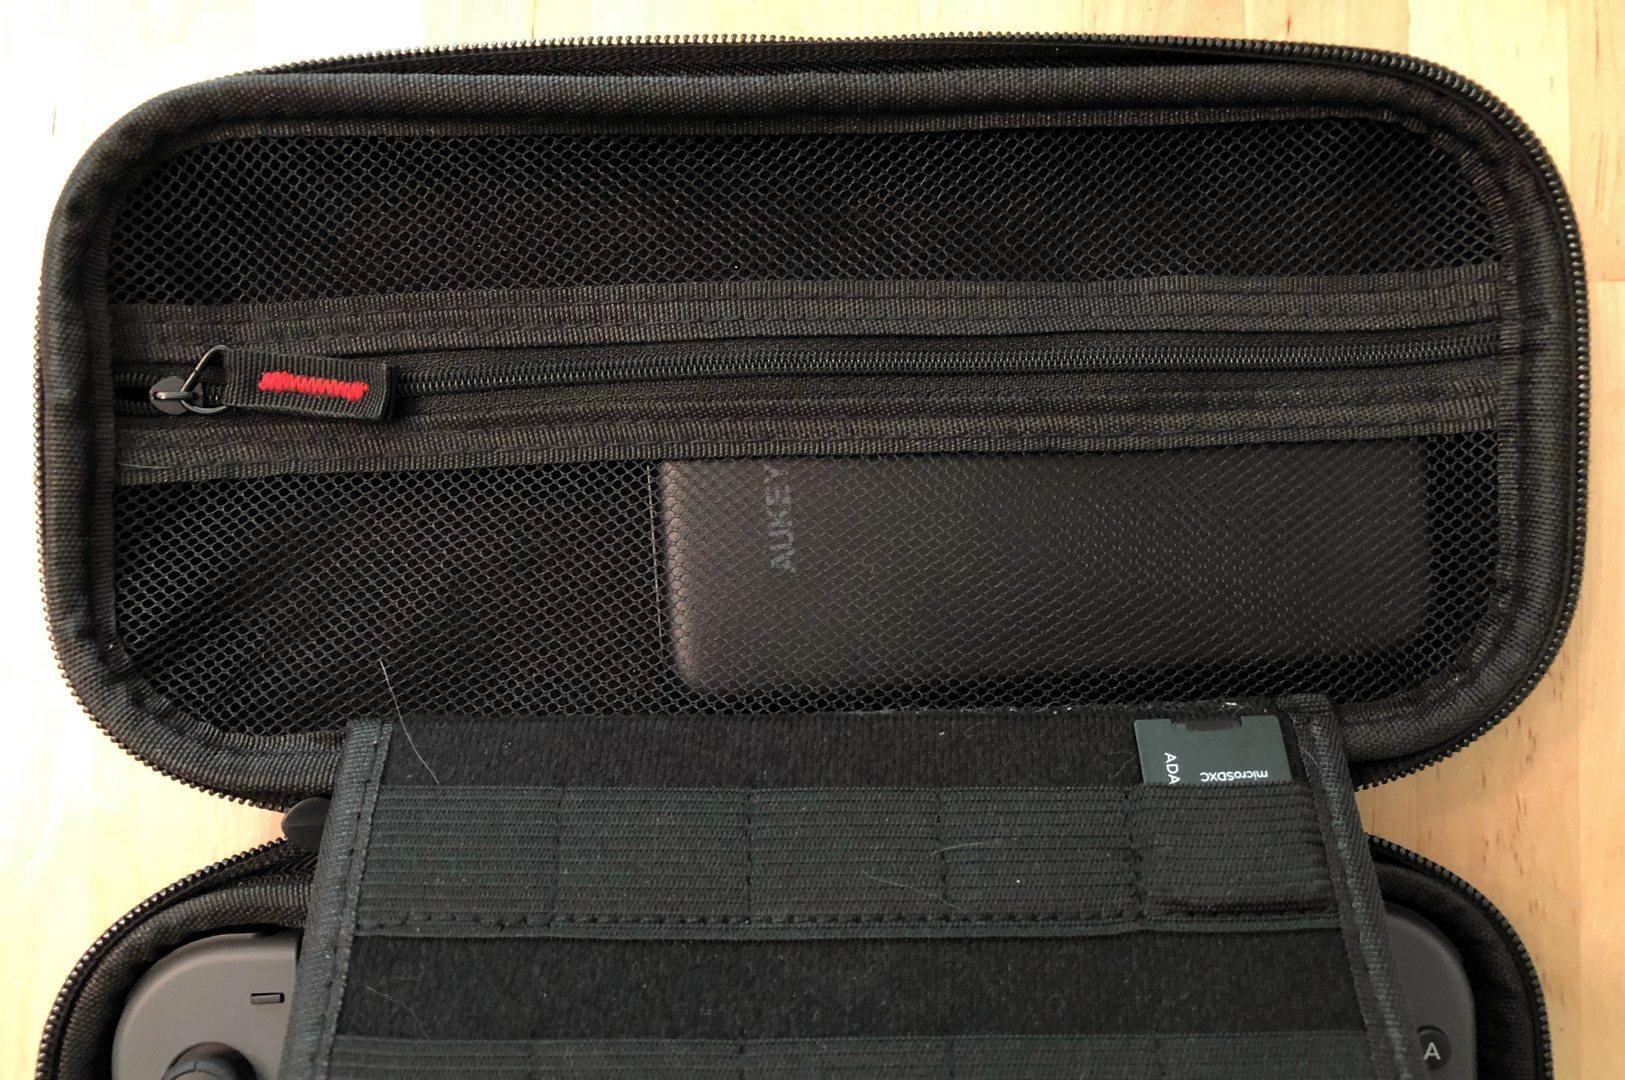 Banco de energía AUKEY PB-Y13 10000 USB-C en una caja de interruptor de Nintendo